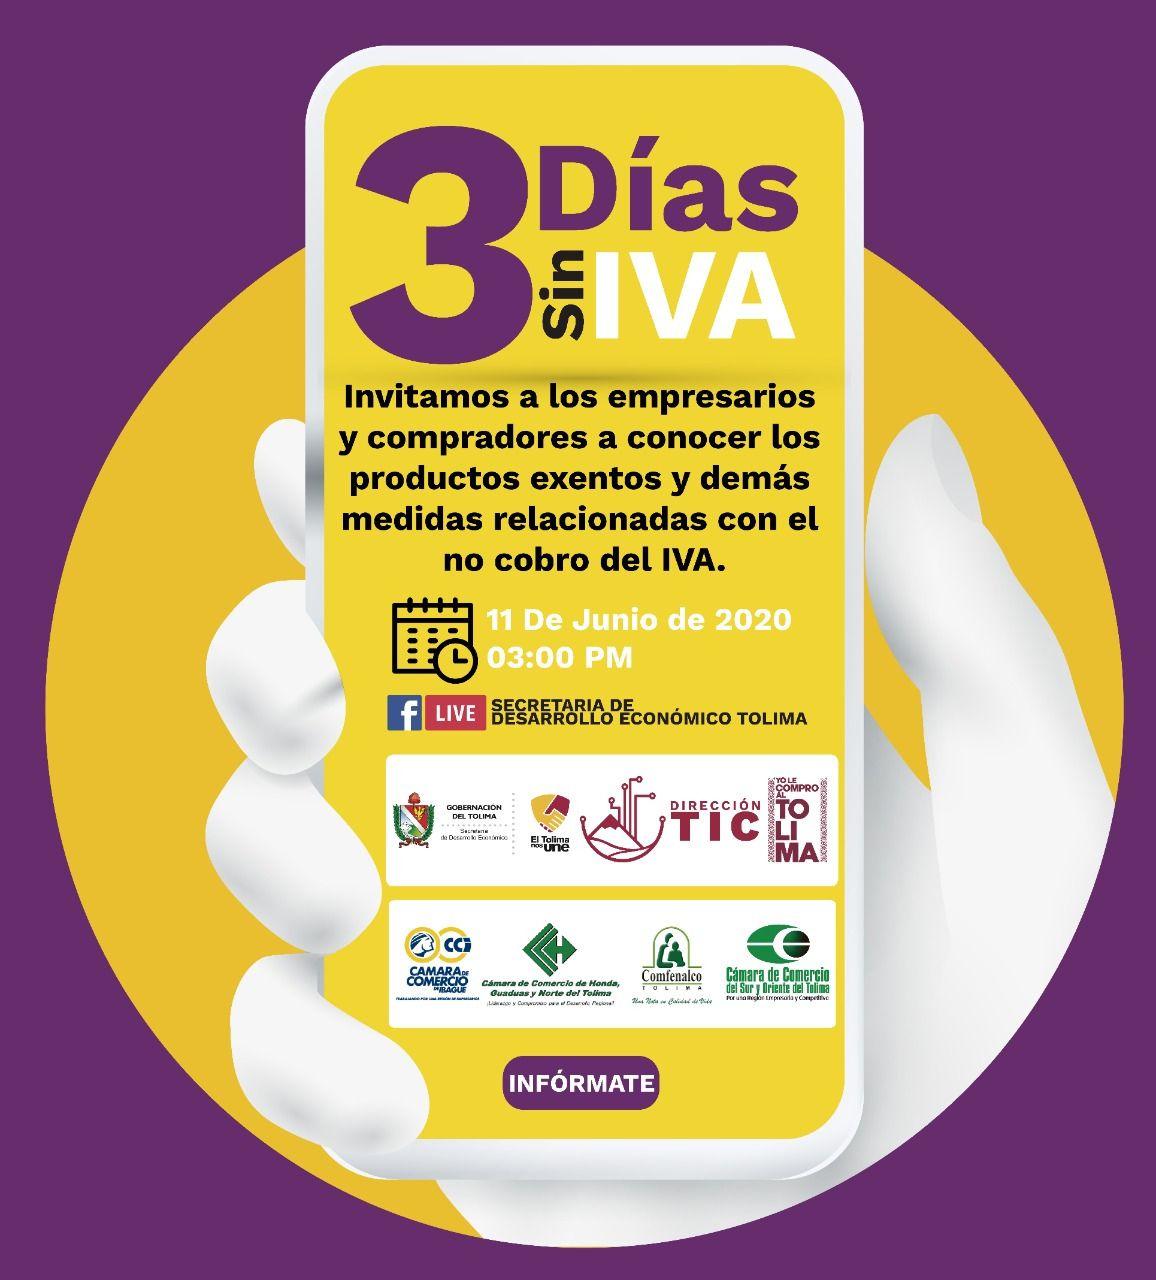 Resuelva sus dudas sobre los tres días sin IVA en Colombia